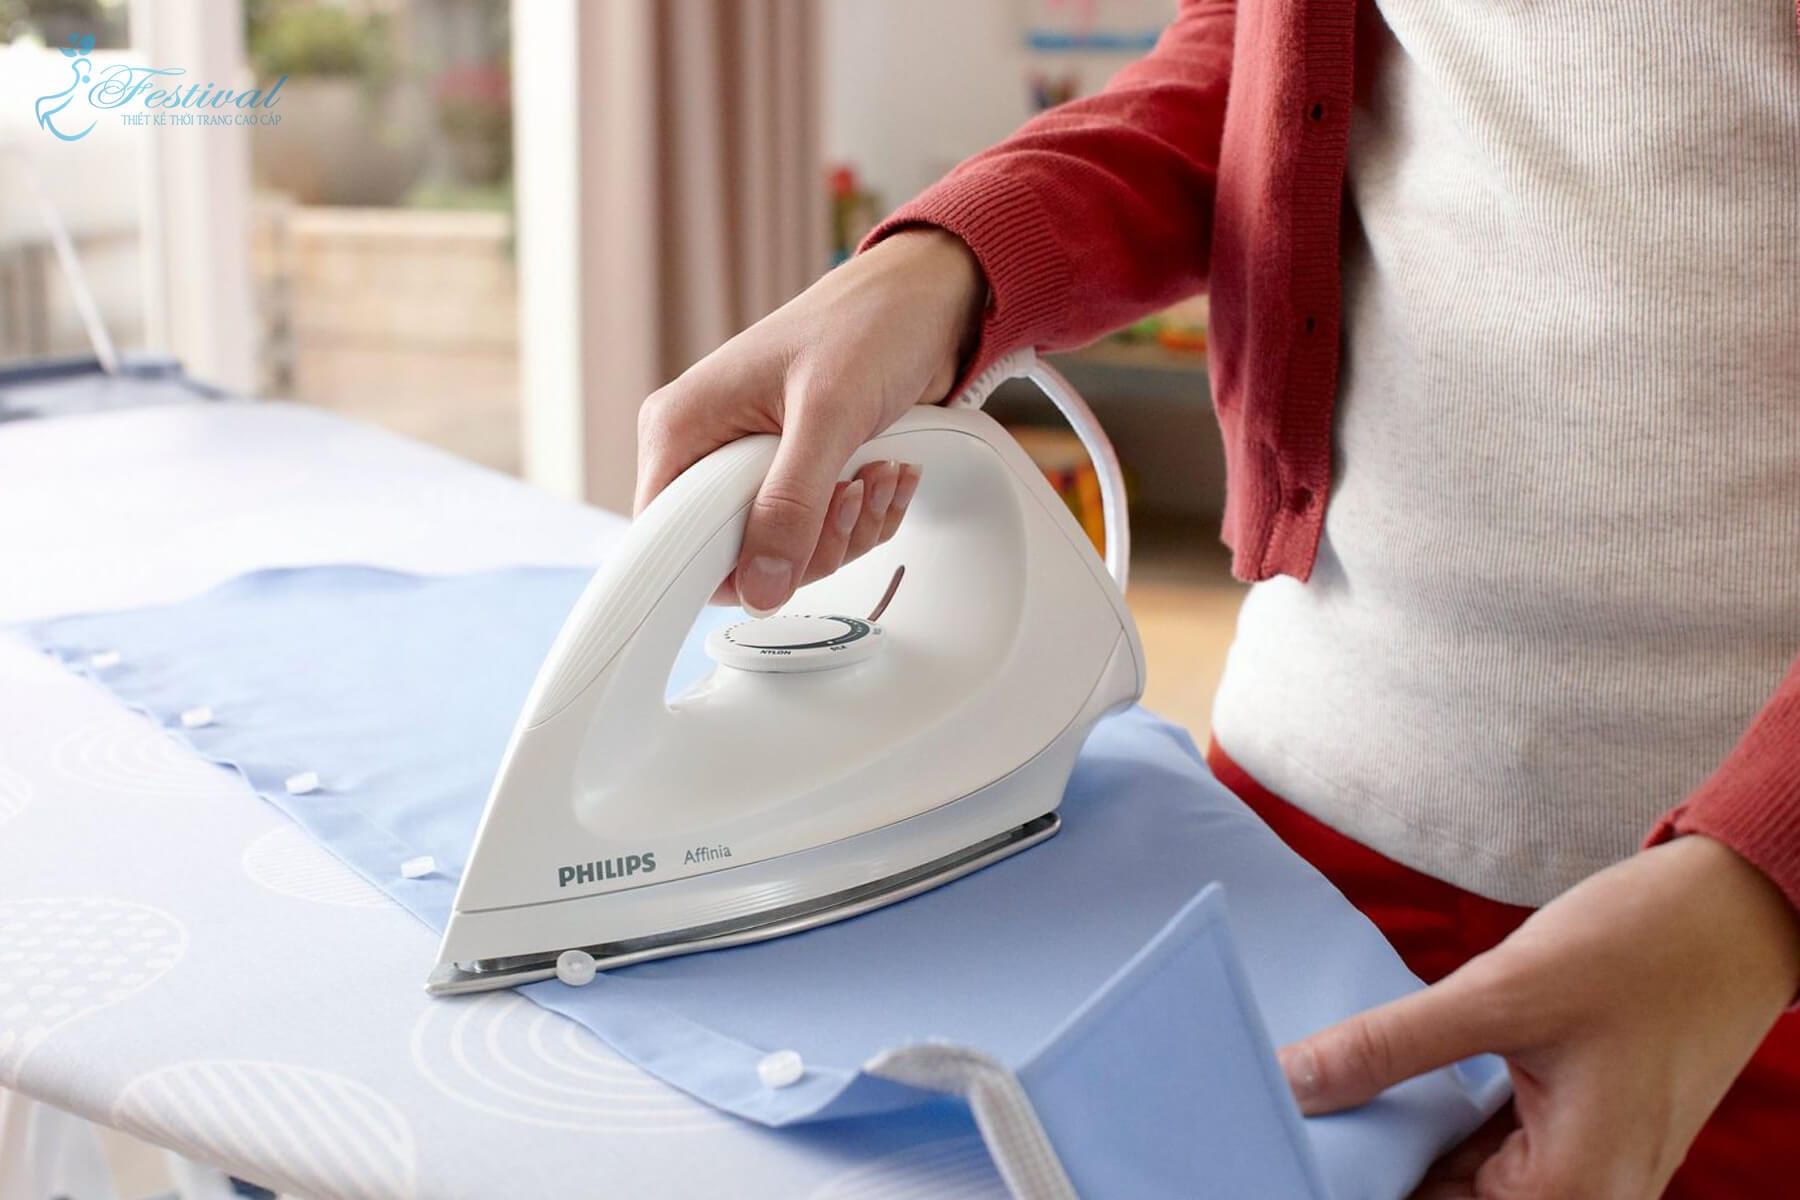 Hướng dẫn ủi vải kate bảo quản đúng cách